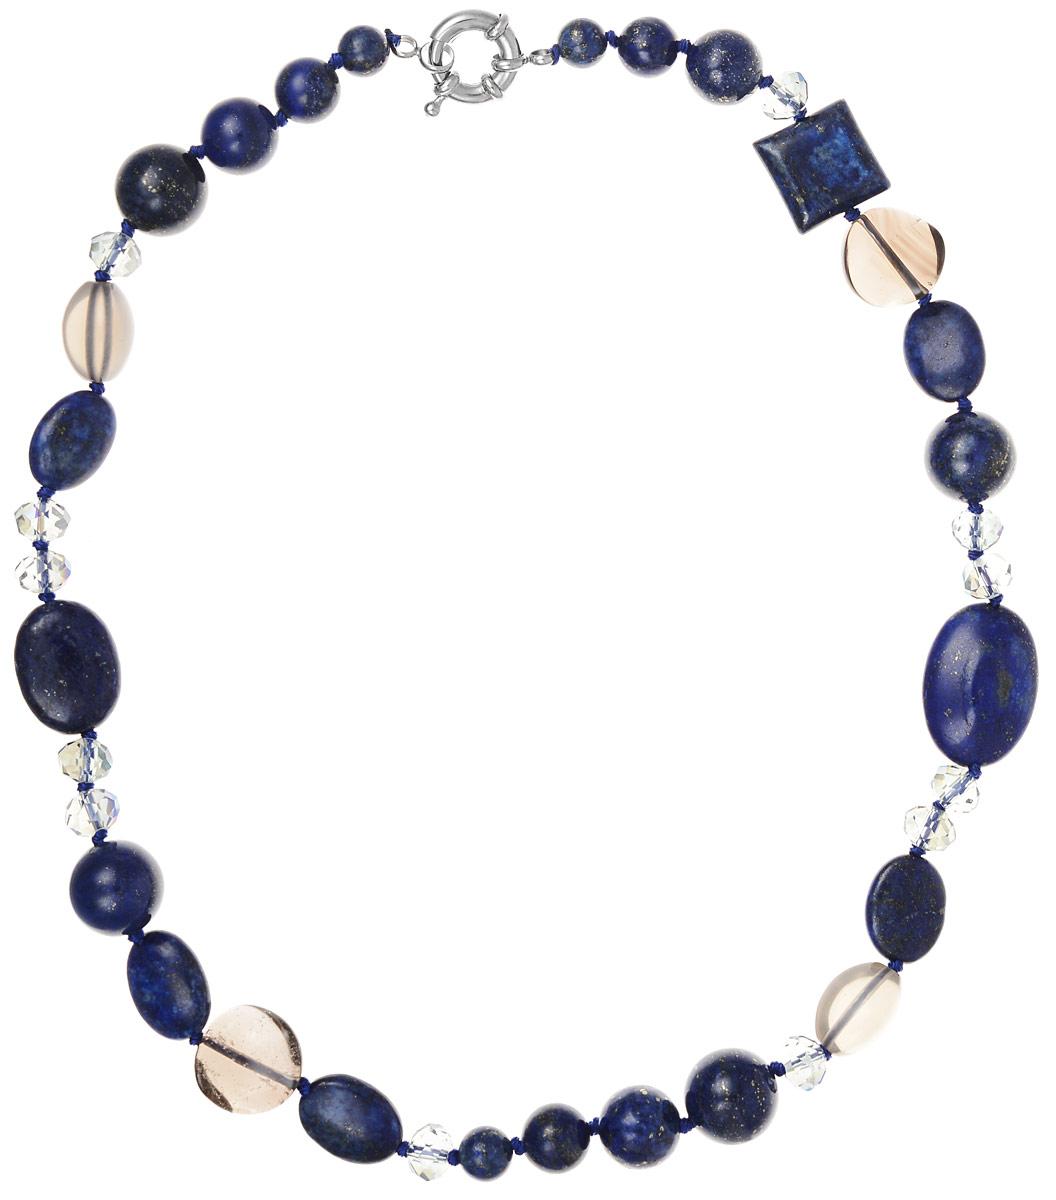 Бусы Art-Silver, цвет: синий, длина 45 см. СМЦ74-1-456СМЦ74-1-456Бусы Art-Silver выполнены из лавы, кварца и кристаллов. В этих бусах вы всегда будете выглядеть женственно, привлекательно и оригинально. Объемная фактура придаст изящества женской шее. Изделие оснащено удобным замком-карабином. Каменные бусины из лавы, нанизанные на нить - это больше, чем просто украшение. В них соединились силы стихии земли, огня и воздуха. У вулканических камней богатая история. Еще в древние времена их использовали шаманы для обрядов и заговоров. Считалось, что амулет из вулканического камня наделен огромной силой: он гармонизирует течение жизненных сил, успокаивает и направляет в правильное русло внутреннюю энергию человека.